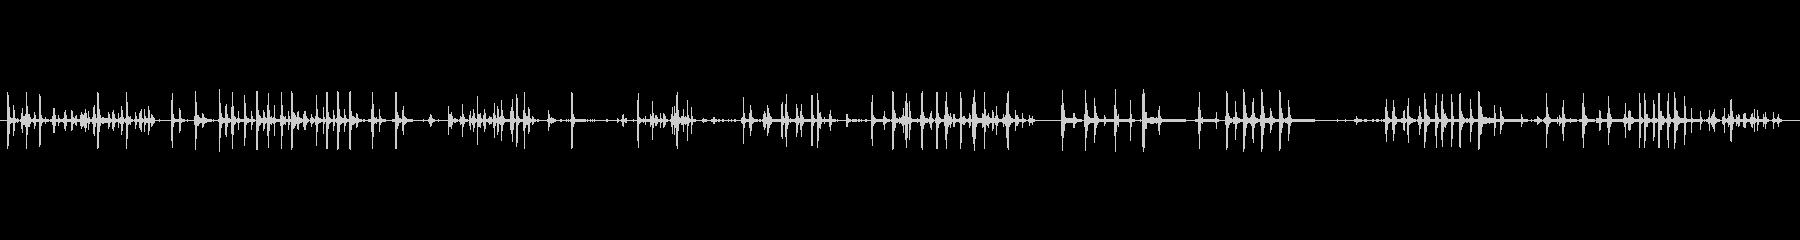 コンピューターのキーボードクリックアタリの未再生の波形